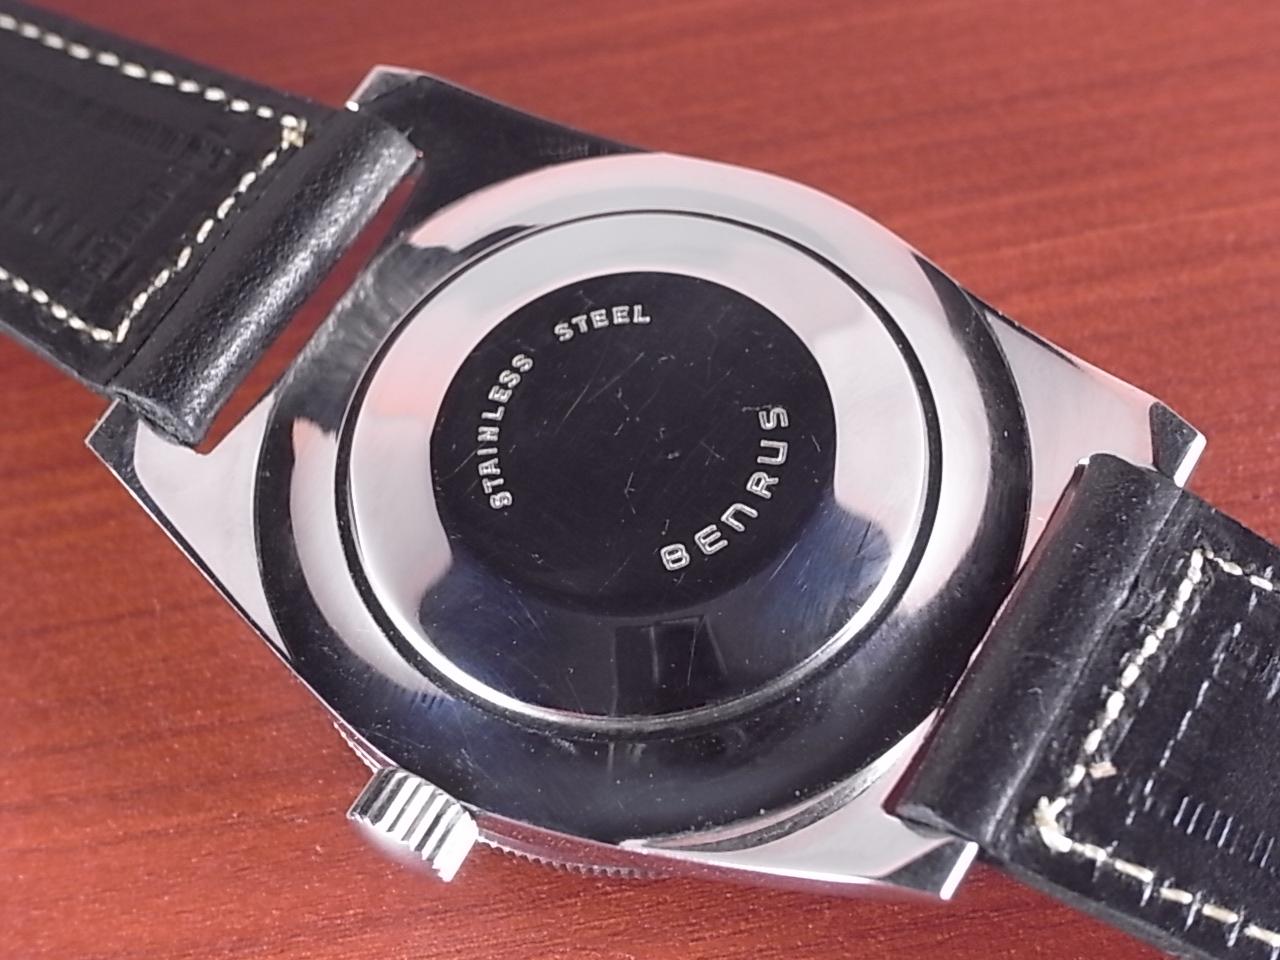 ベンラス ウルトラディープ プラベゼル ダイバーズウォッチ 1970年代の写真4枚目